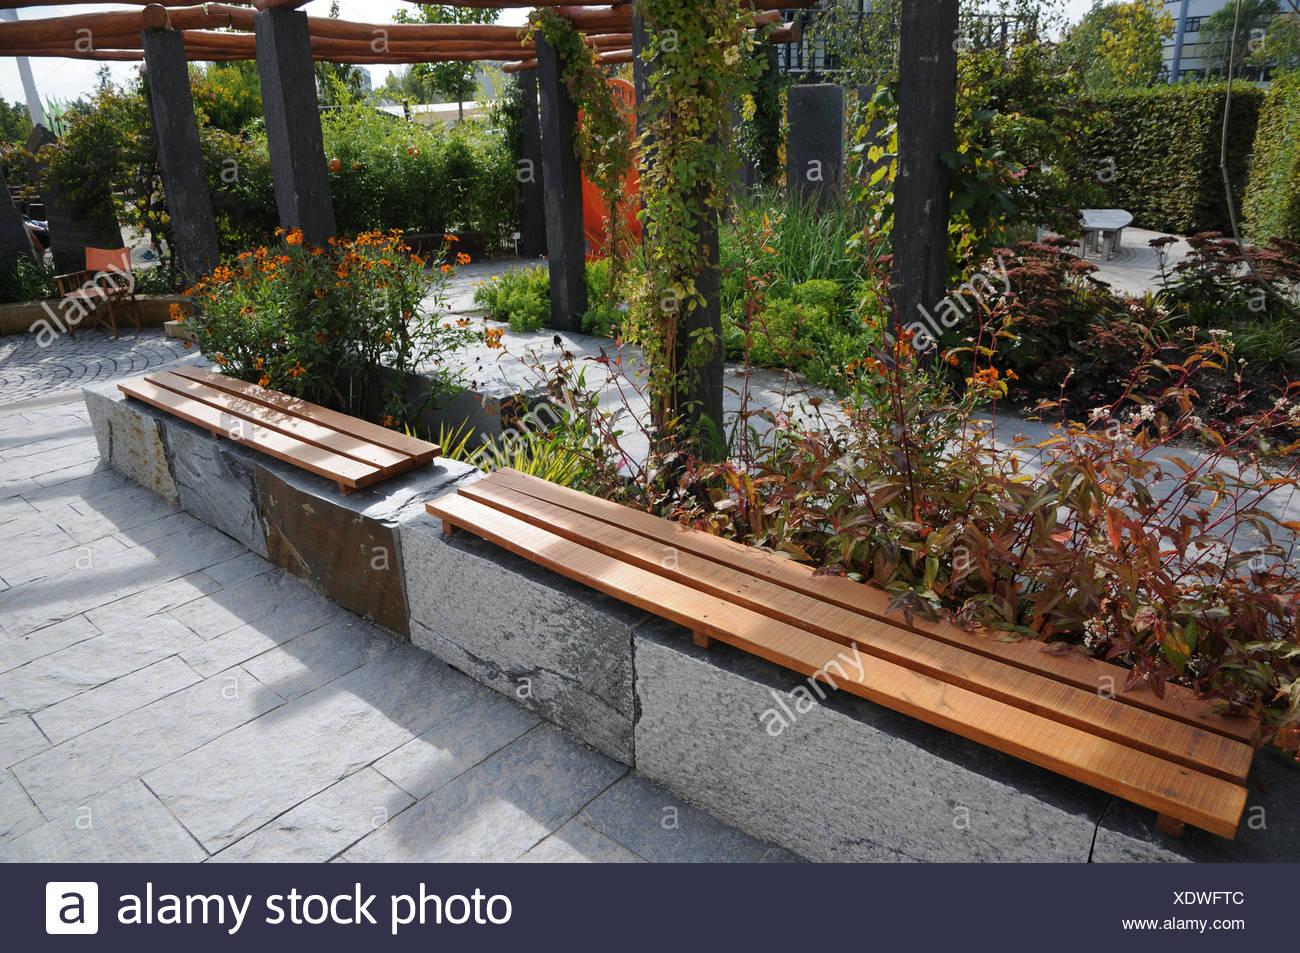 Full Size of Sitzbank Holz Garten Mit Aus Stein Und Gemacht Stockfoto Schaukelstuhl Trampolin Relaxsessel Pavillion Bett Ausziehtisch Klapptisch Whirlpool Relaxliege Wohnzimmer Sitzbank Holz Garten